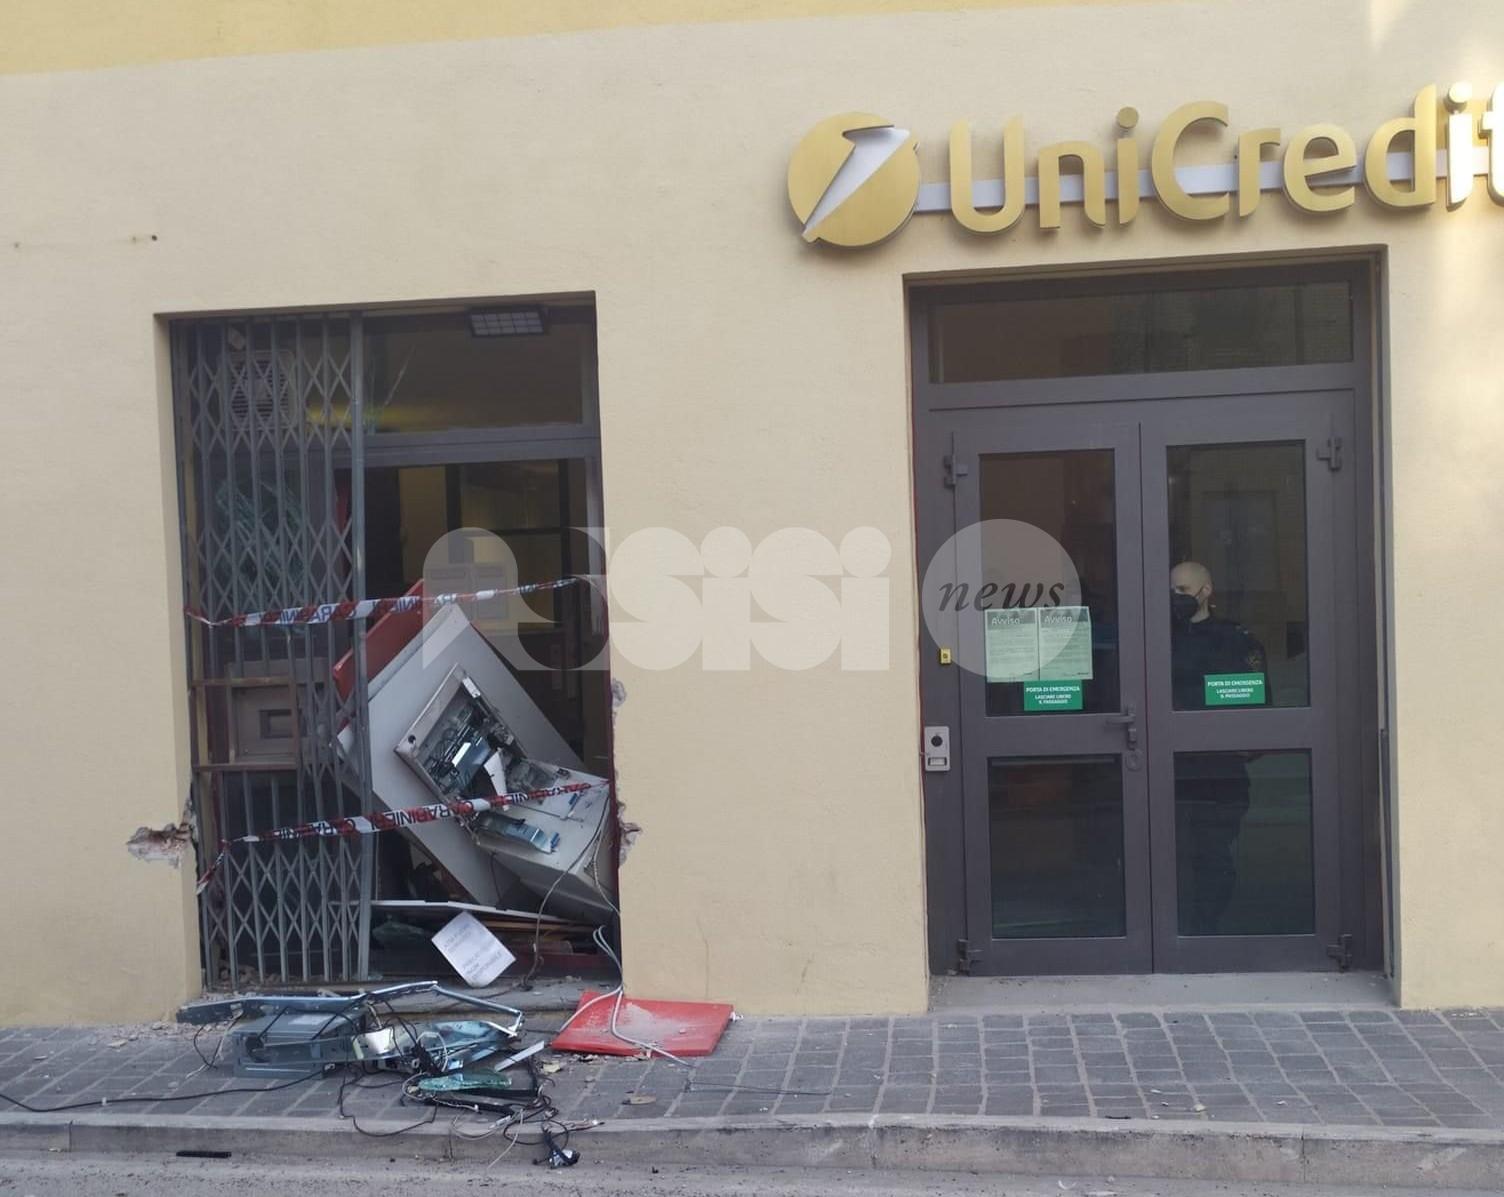 Tentato furto all'Unicredit di Petrignano di Assisi: speronato il bancomat (foto)